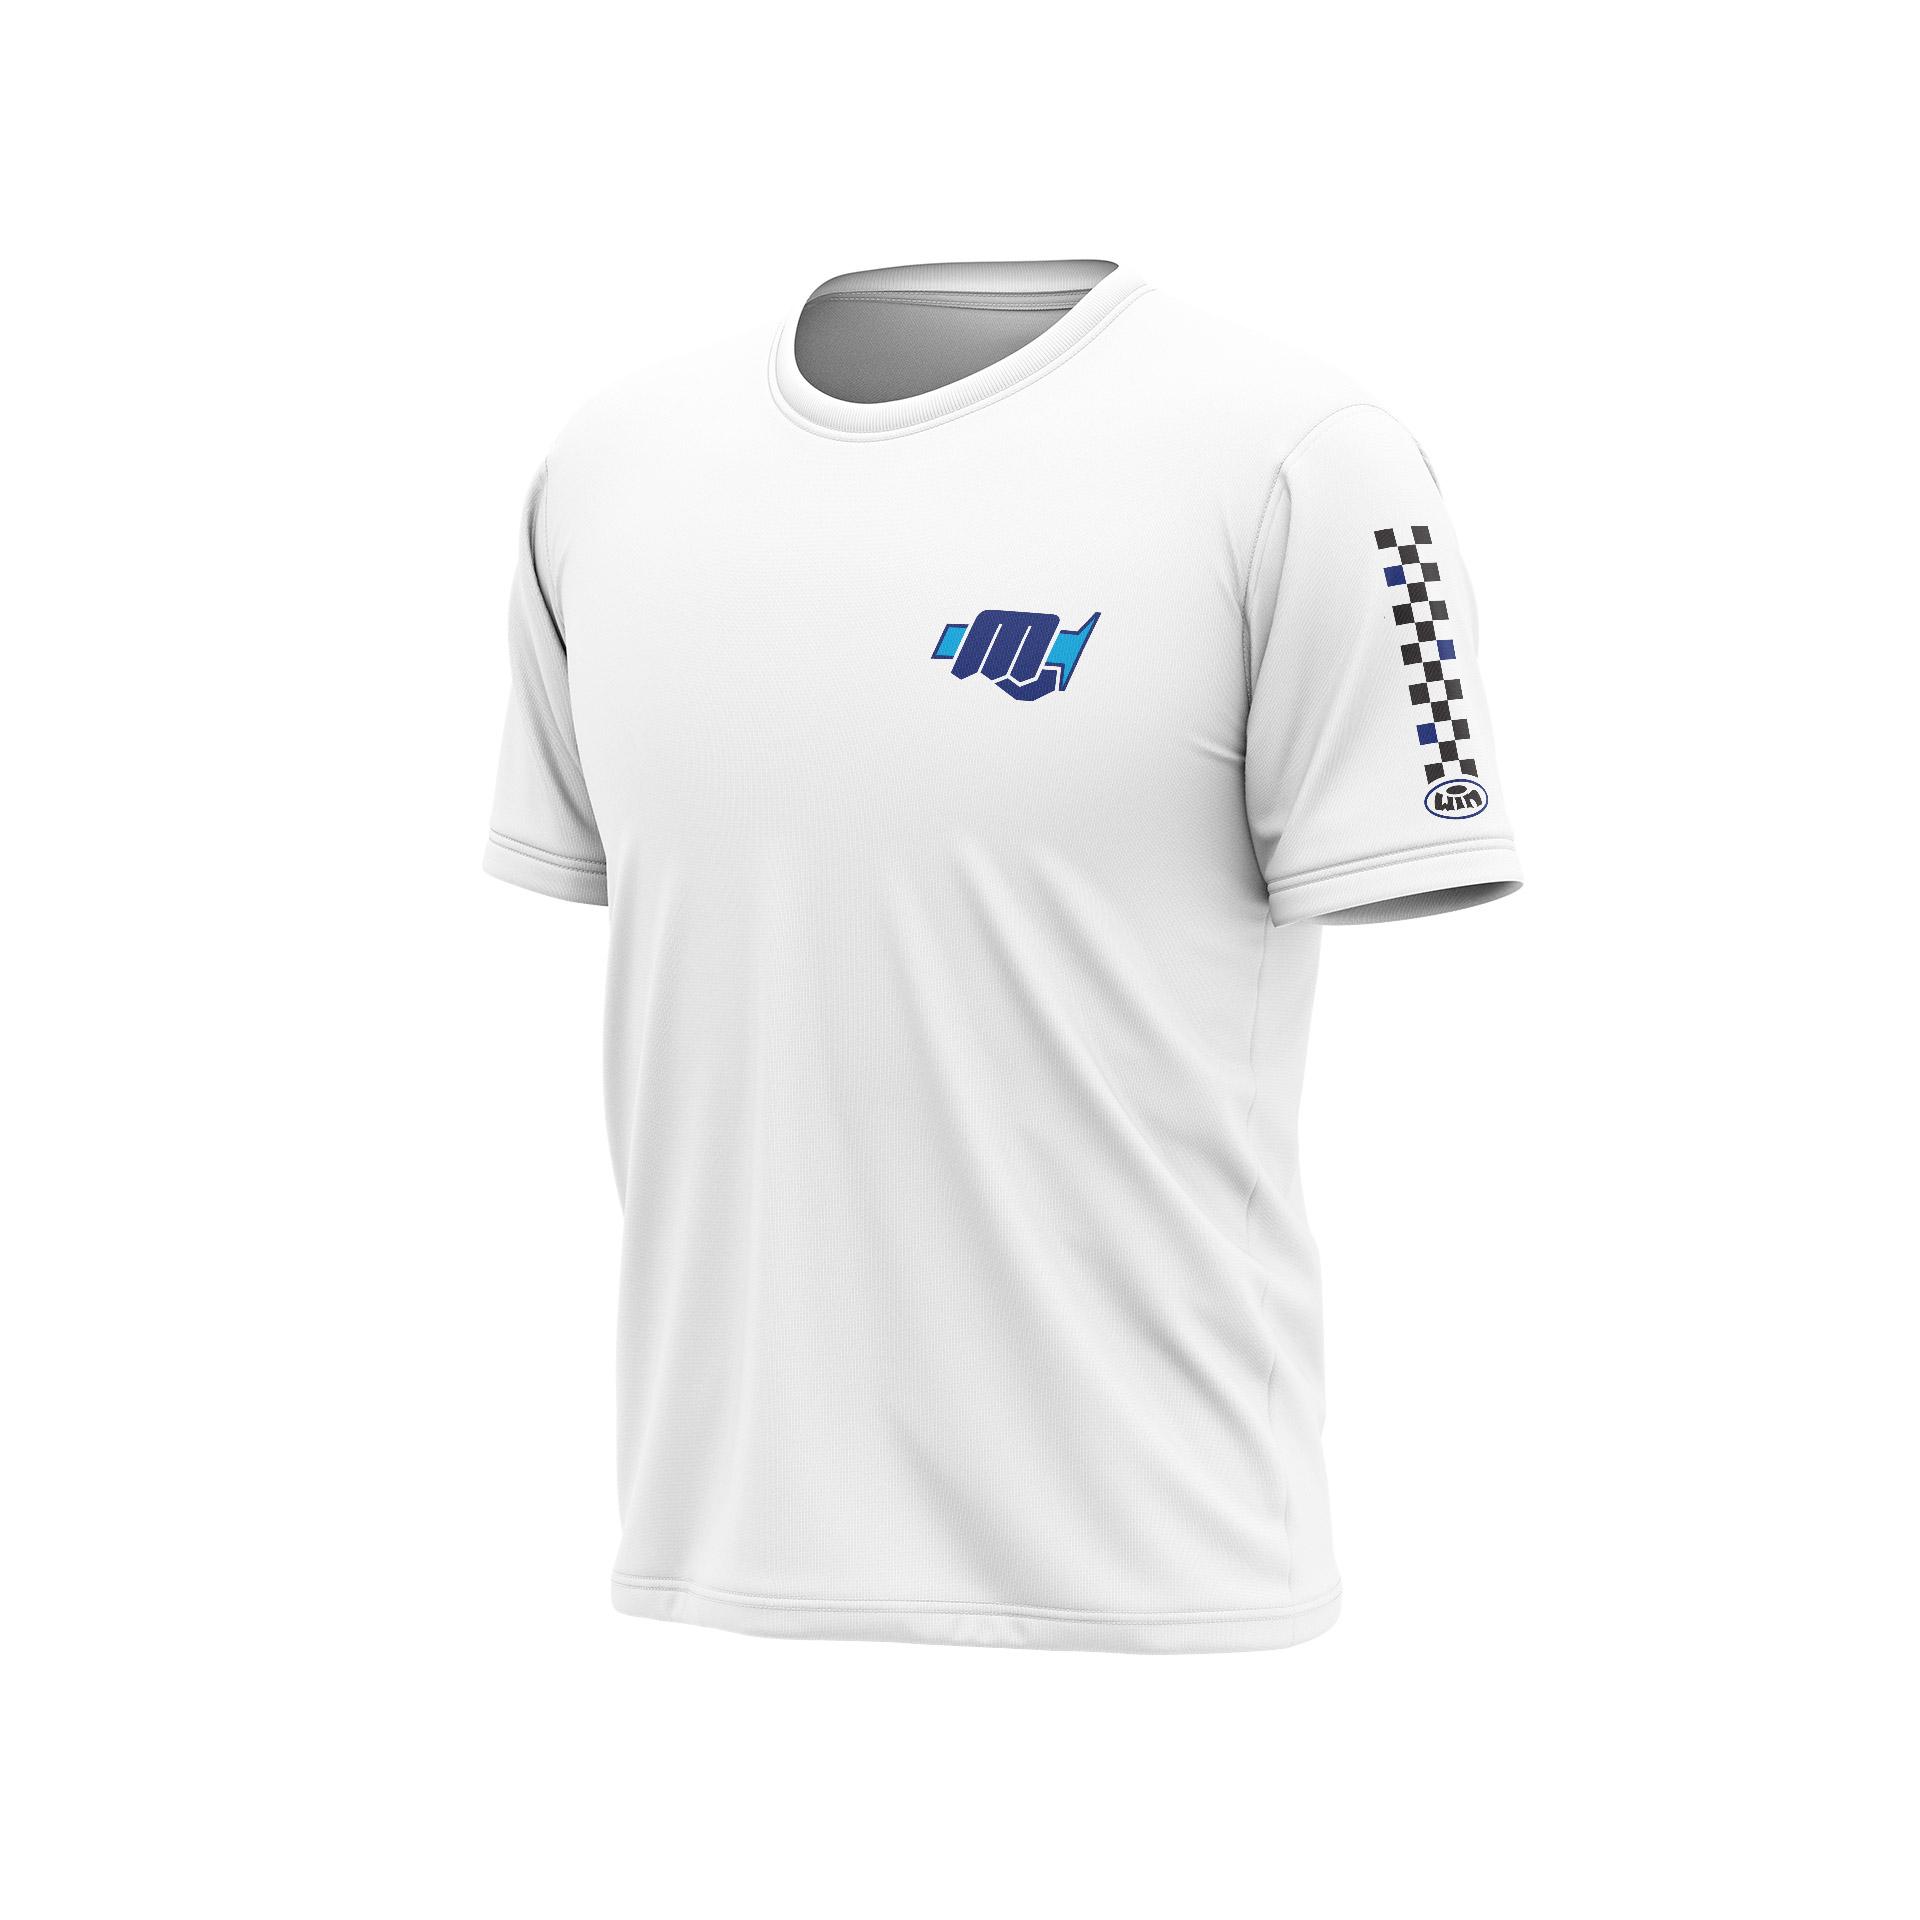 TSD MXM Heart Blanc - Bleu Bleu